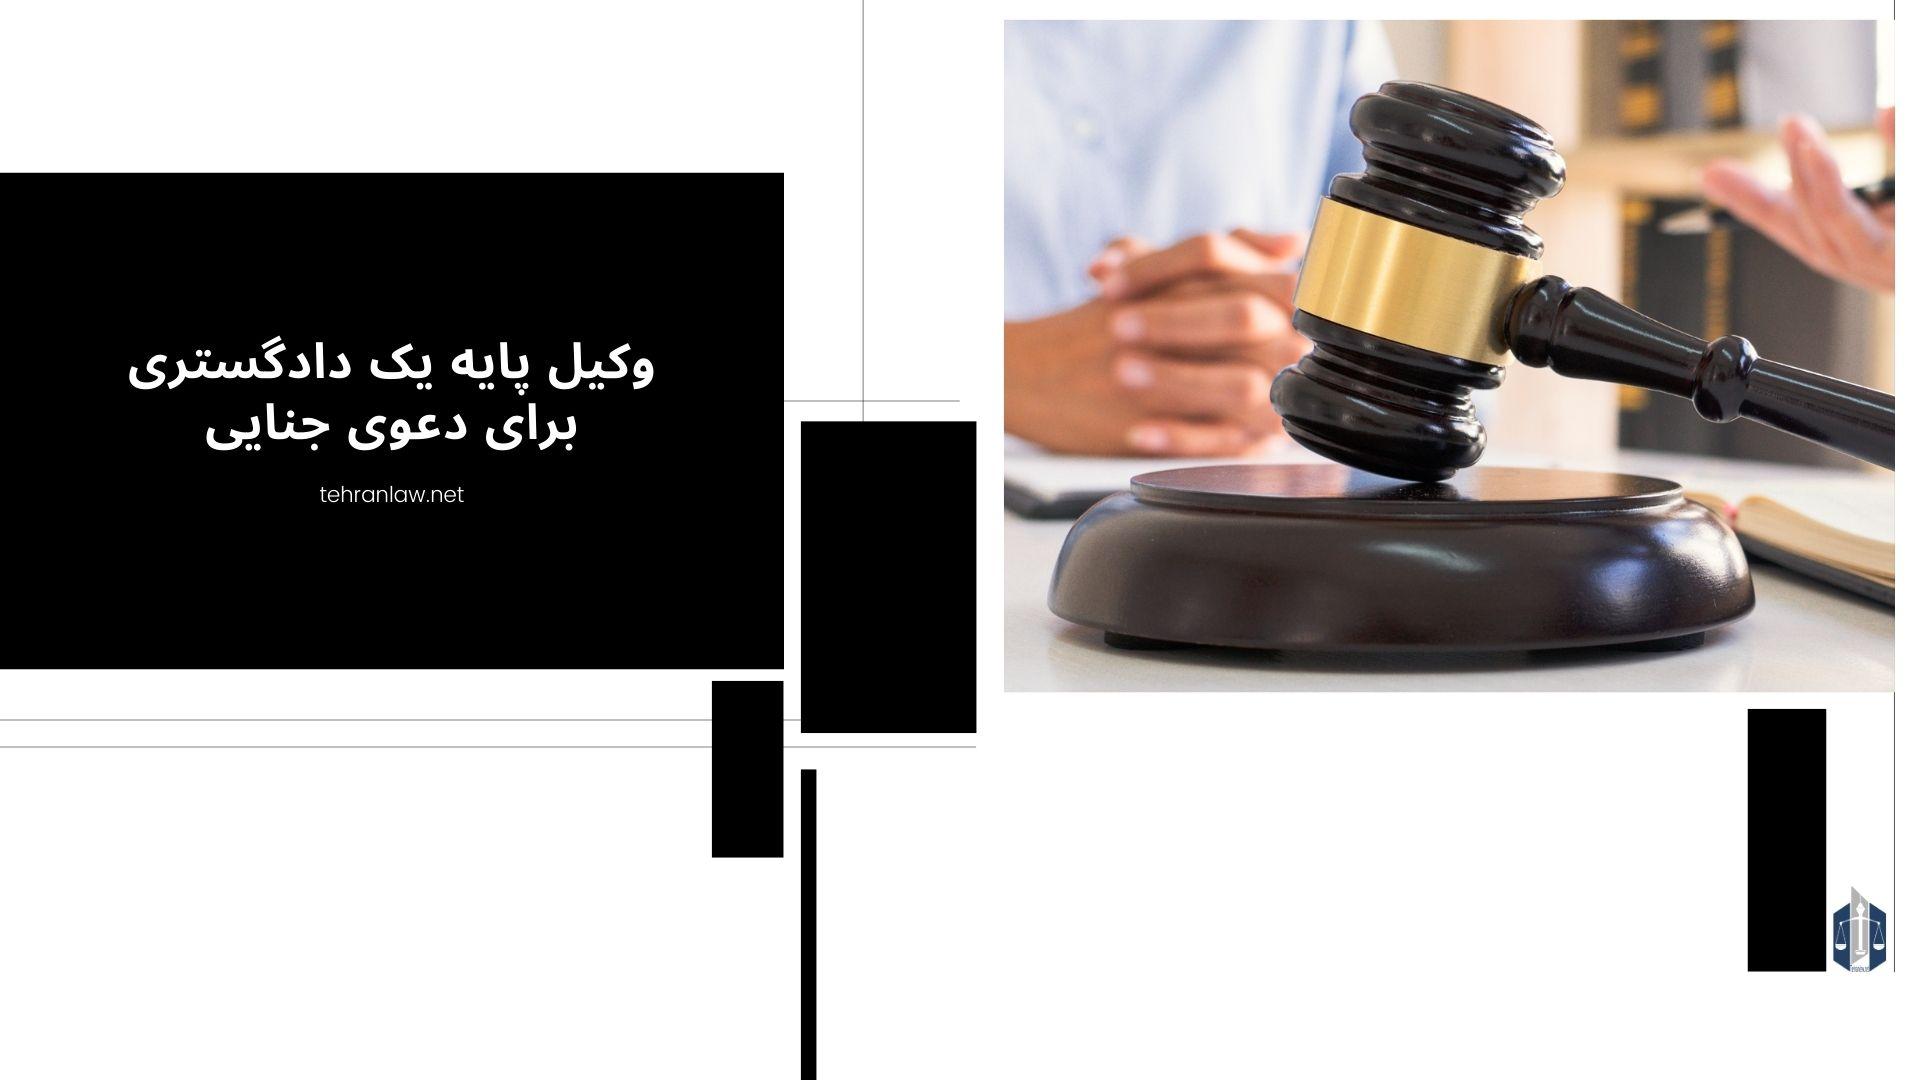 وکیل پایه یک دادگستری برای دعوی جنایی